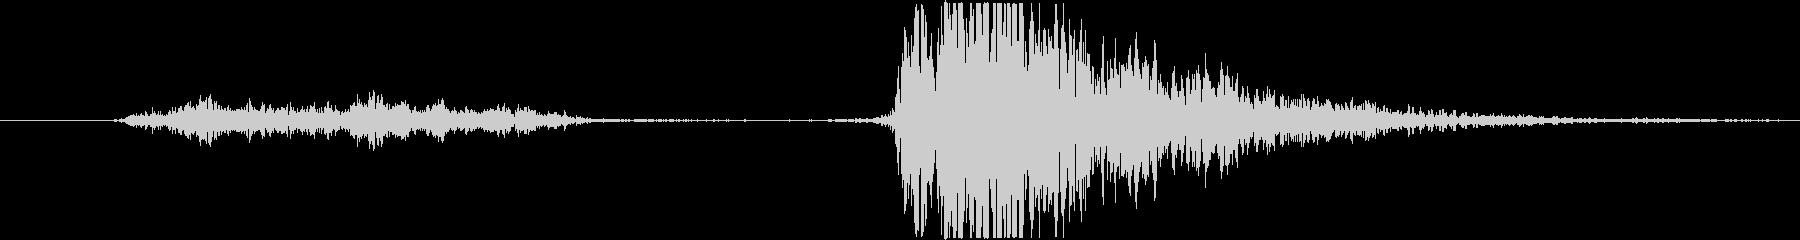 漫画的影響;パンチシューッという音...の未再生の波形